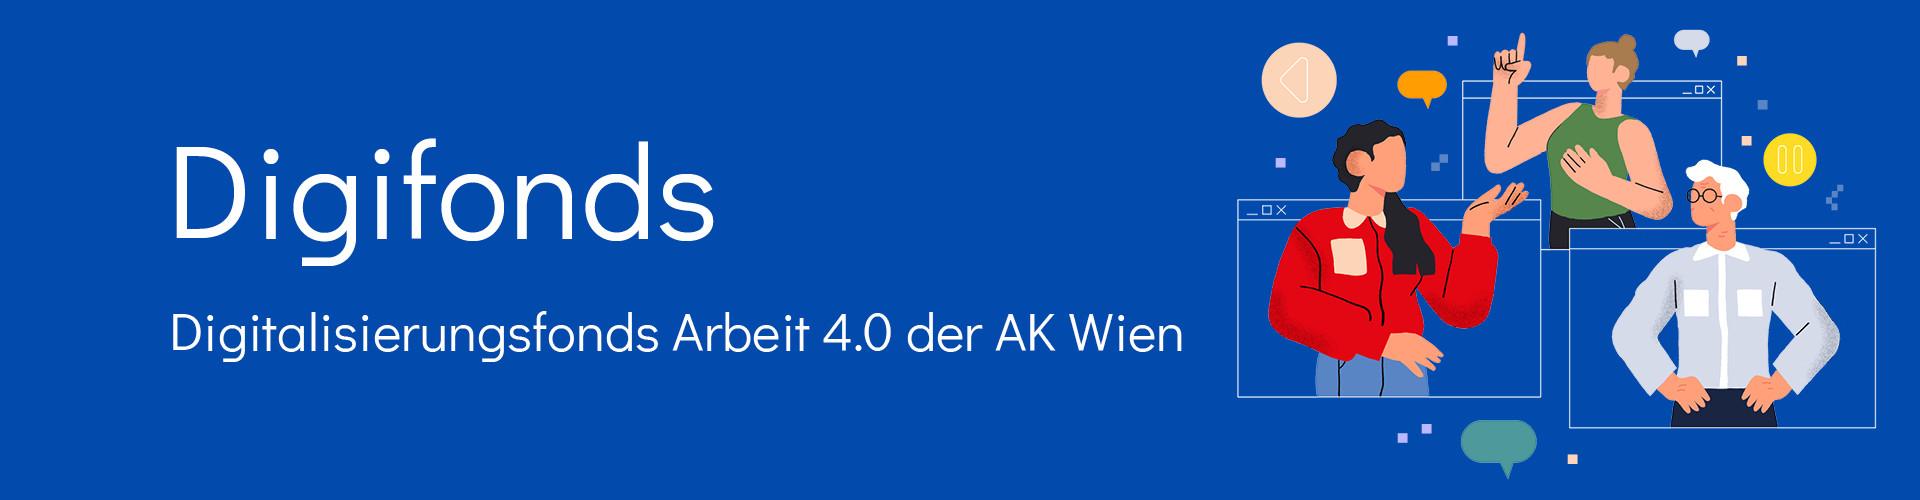 Digitalisierungsfonds Arbeit 4.0 der AK Wien © AK Wien